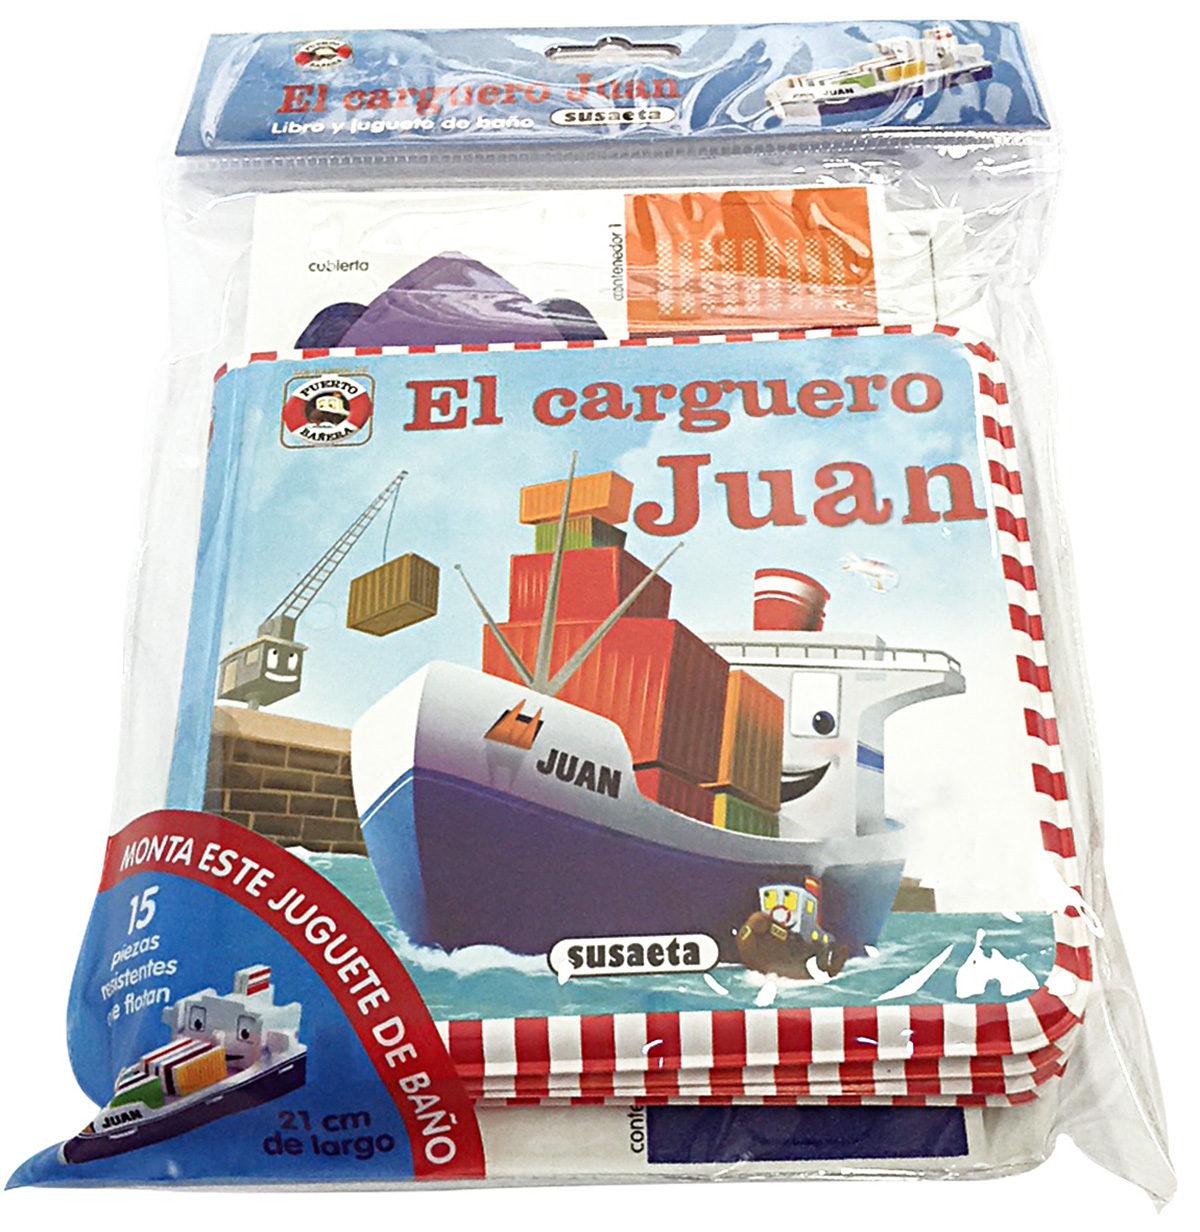 El Carguero Juan - Vv.aa.